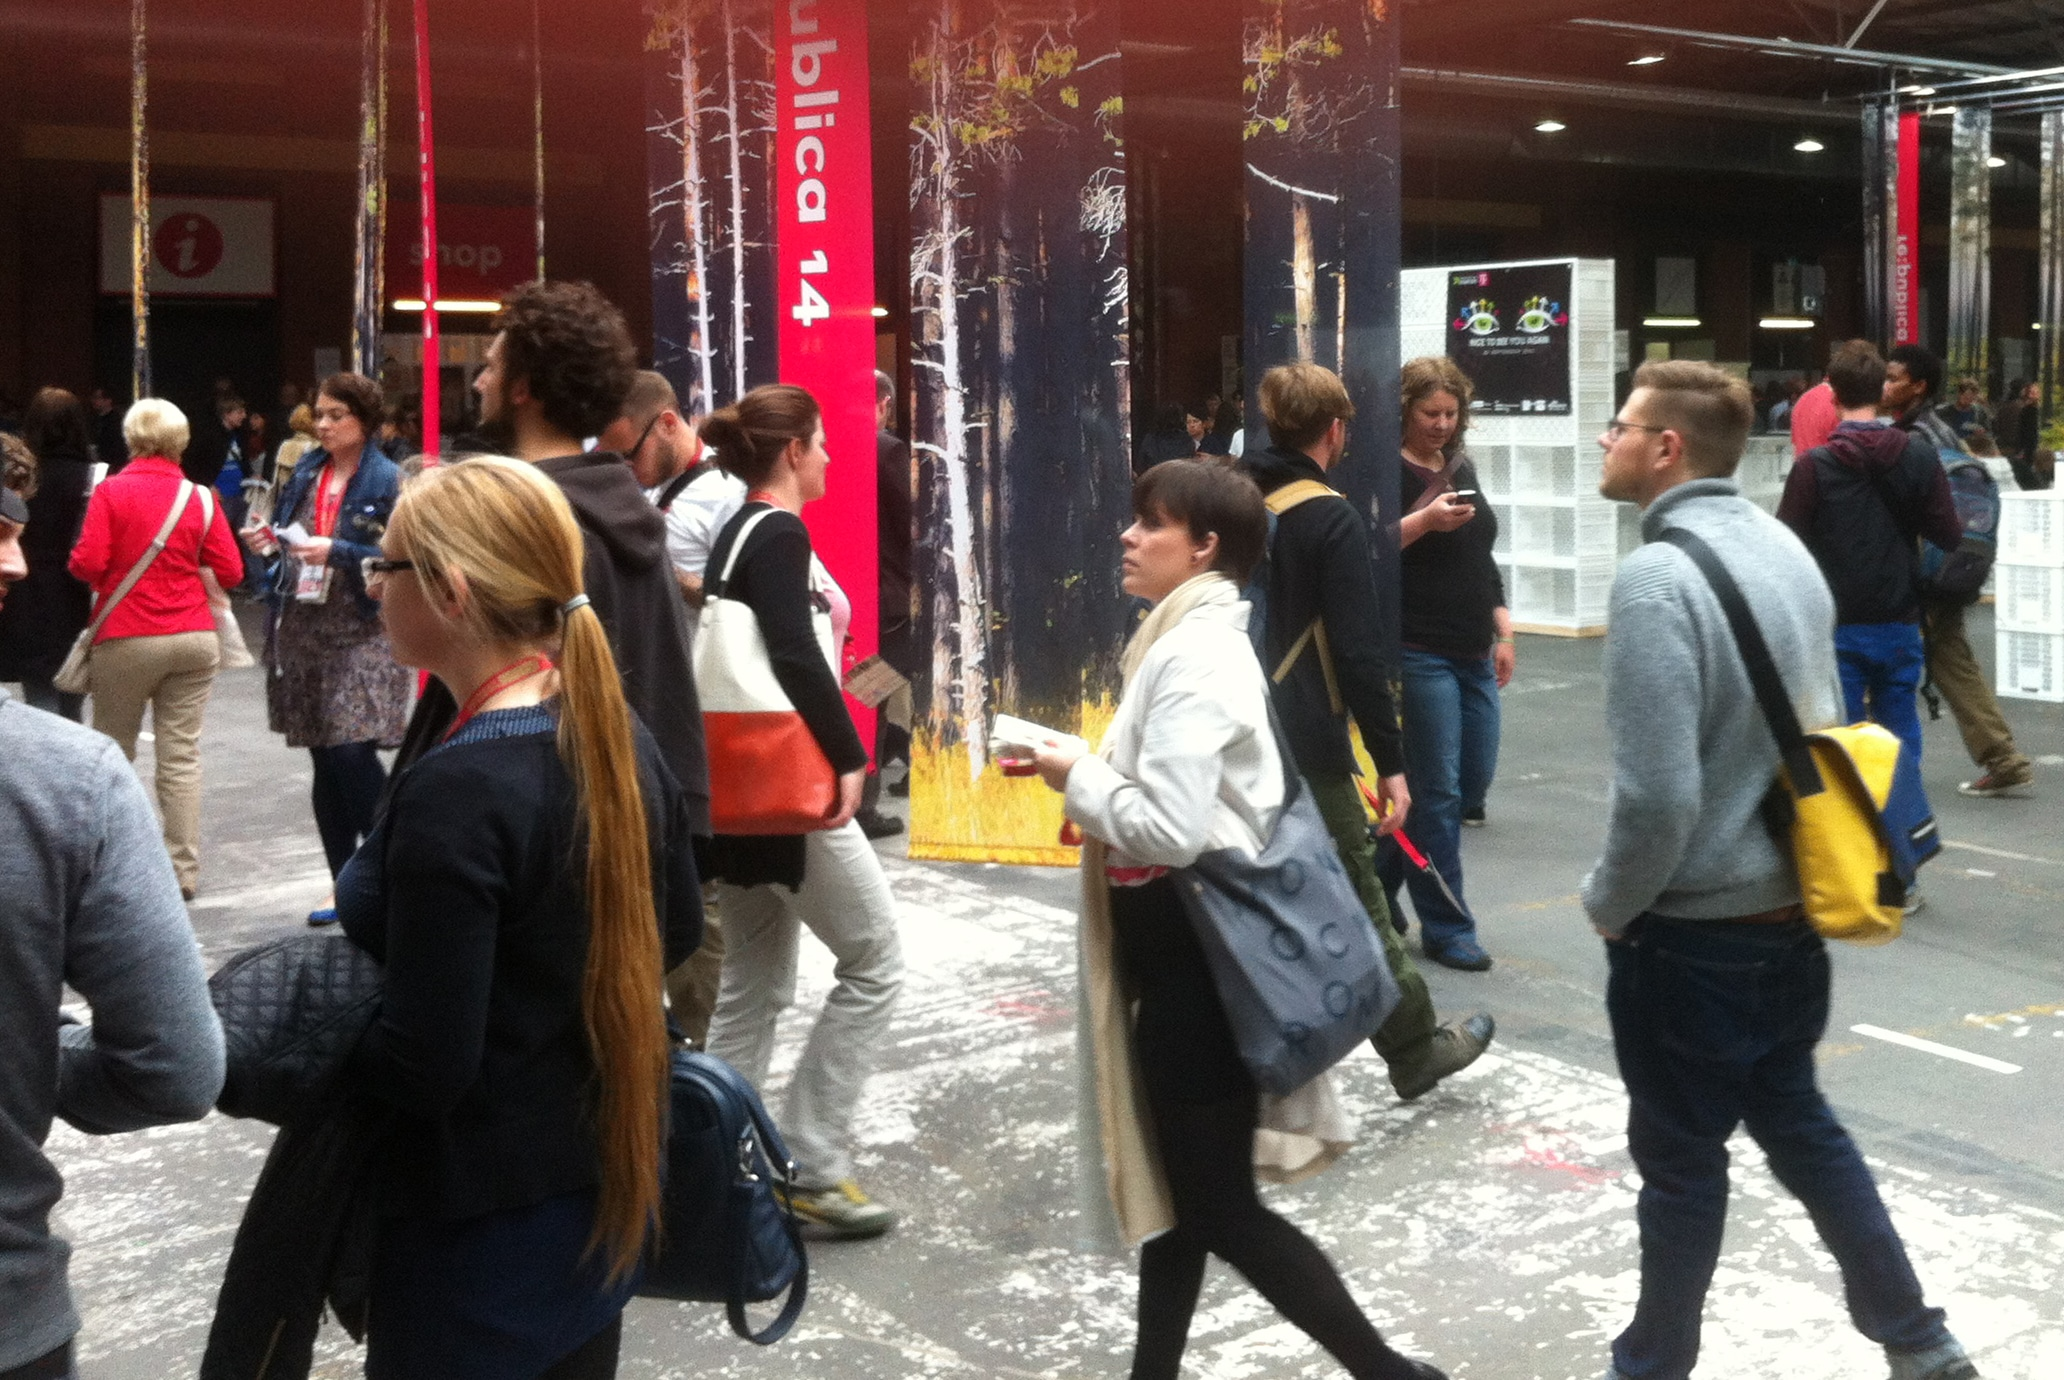 #rp14 - Besucher